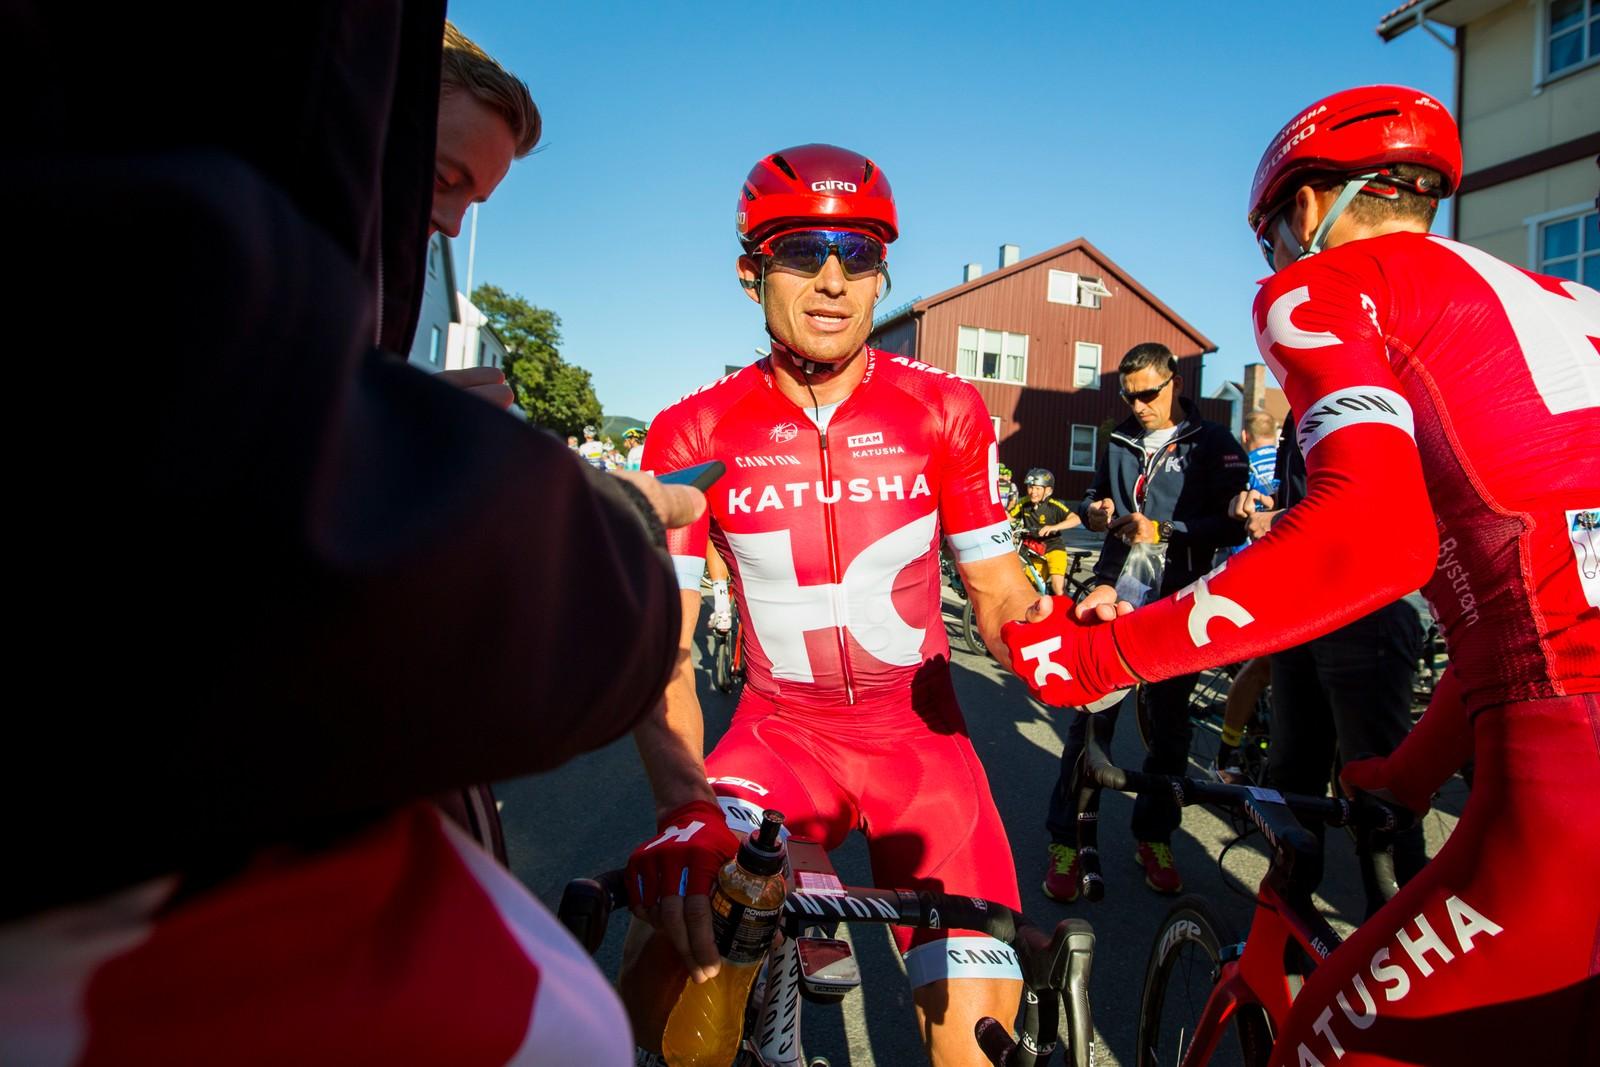 Alexander Kristoff (Team Katjusja) takker lagkamerat Sven Erik Bystrøm (t.h.) for hjelpen etter fjerde og siste etappe i sykkelrittet Arctic Race of Norway søndag. Kristoff kom på 2.-plass.